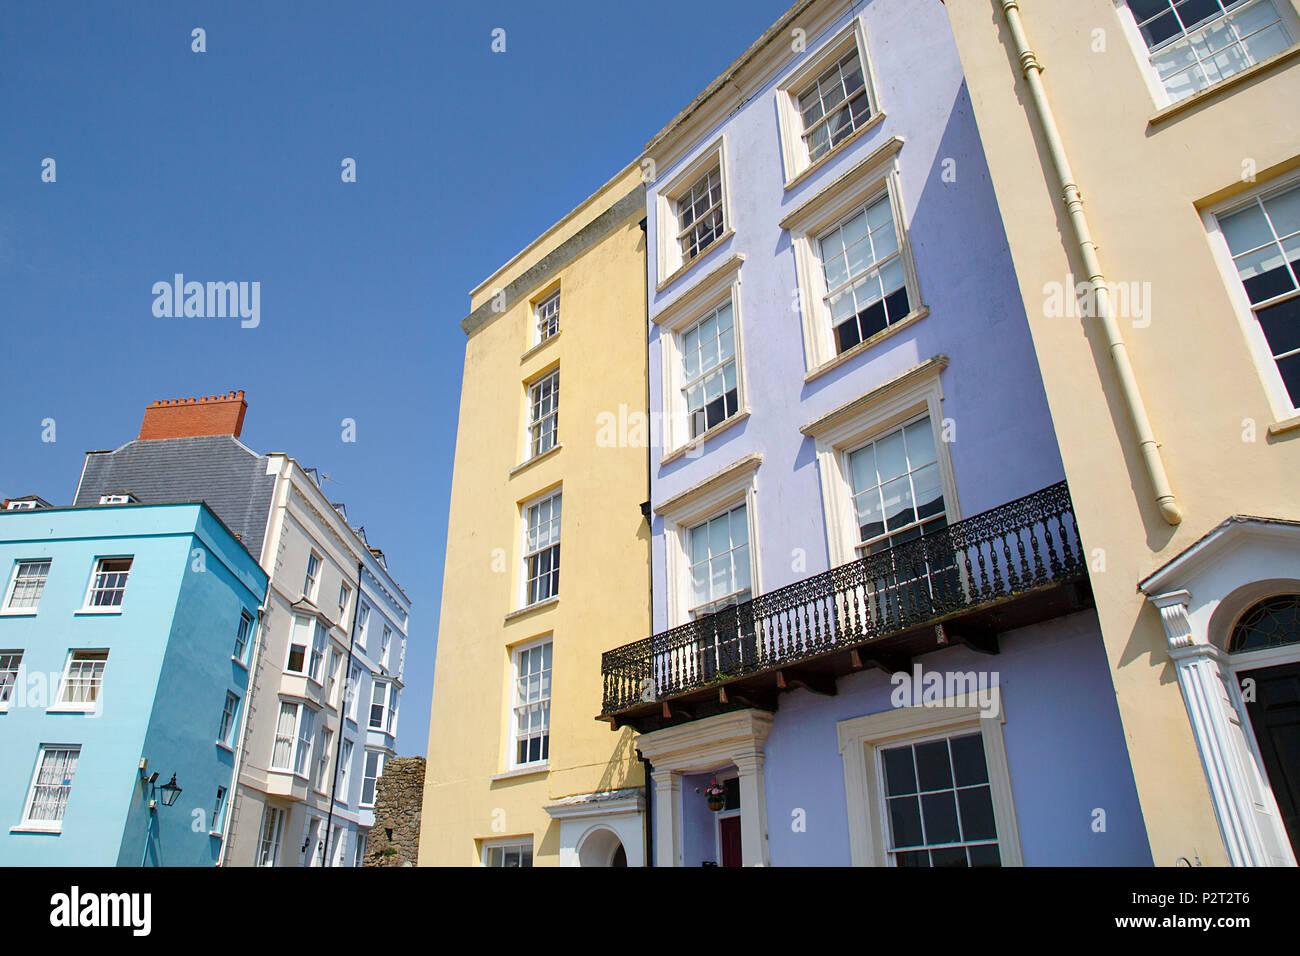 Tenby, UK: le 10 juin 2018: Tenby est une ville portuaire et balnéaire dans le sud-ouest du pays de Galles connu pour ses belles maisons de style géorgien peint et hôtels. Photo Stock